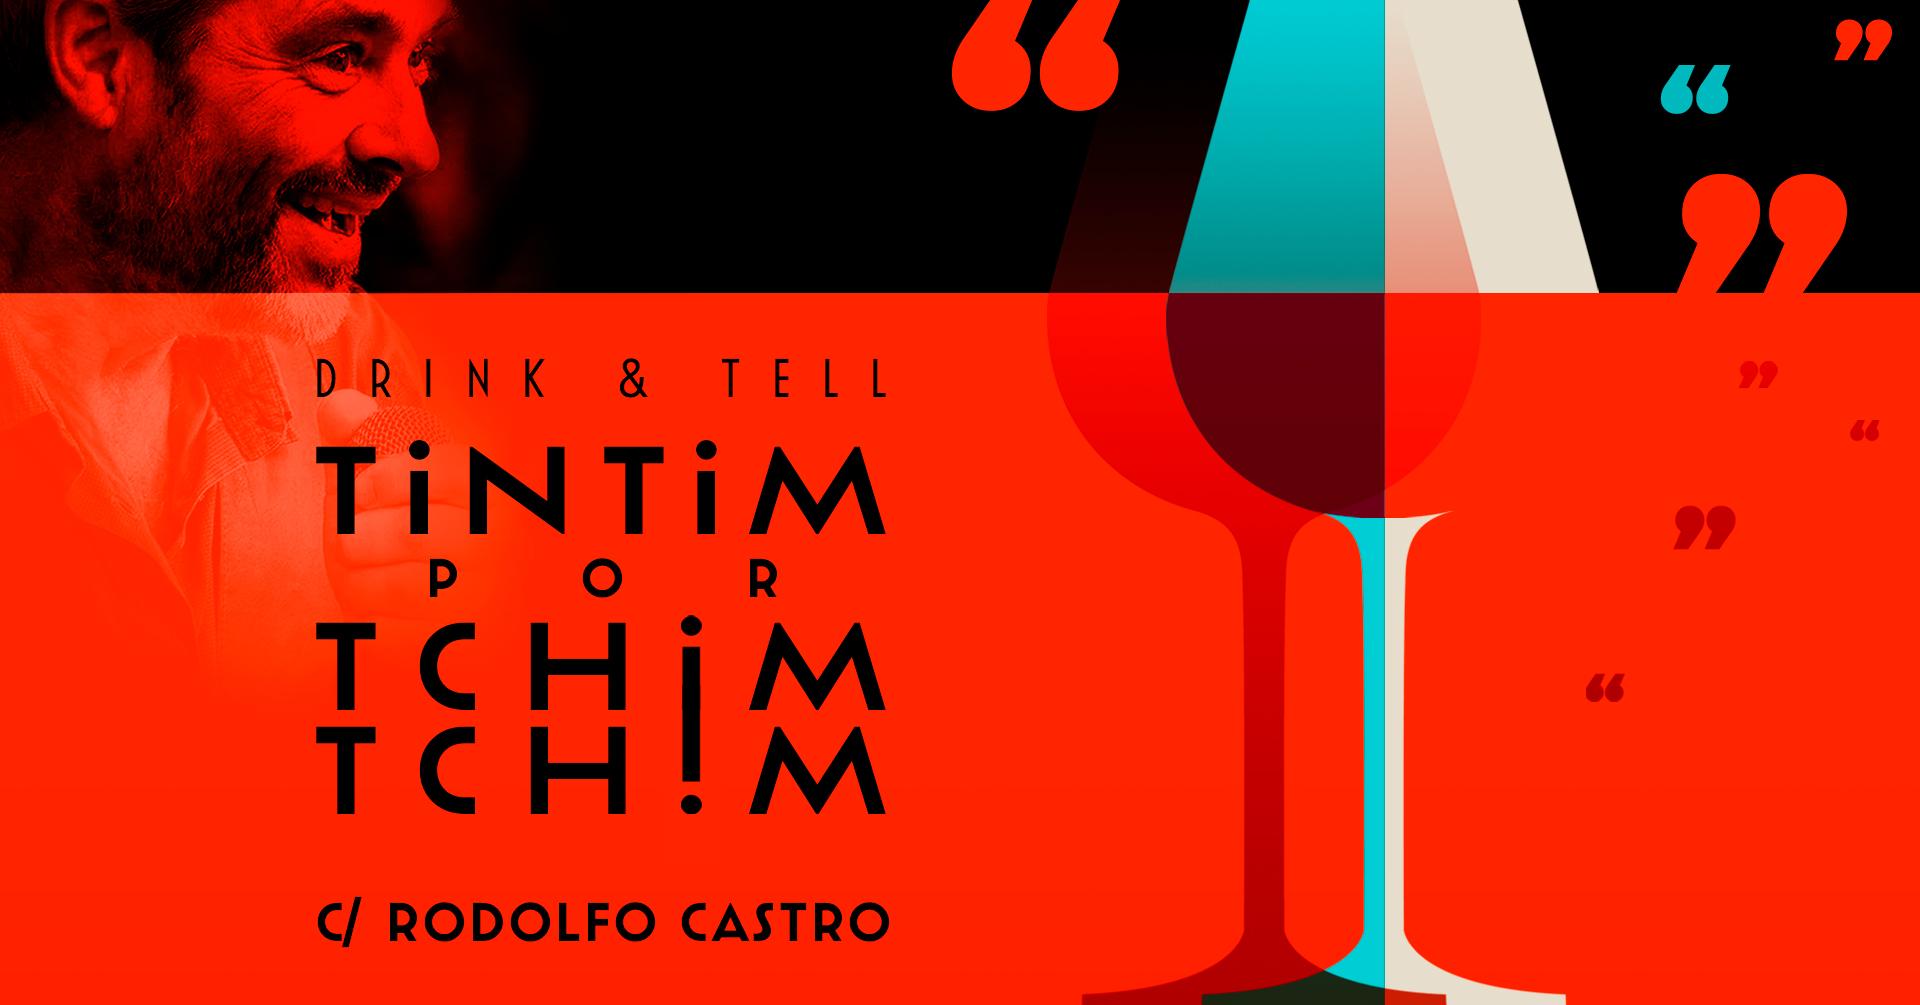 Drink & Tell - Tintim por Tchim-Tchim